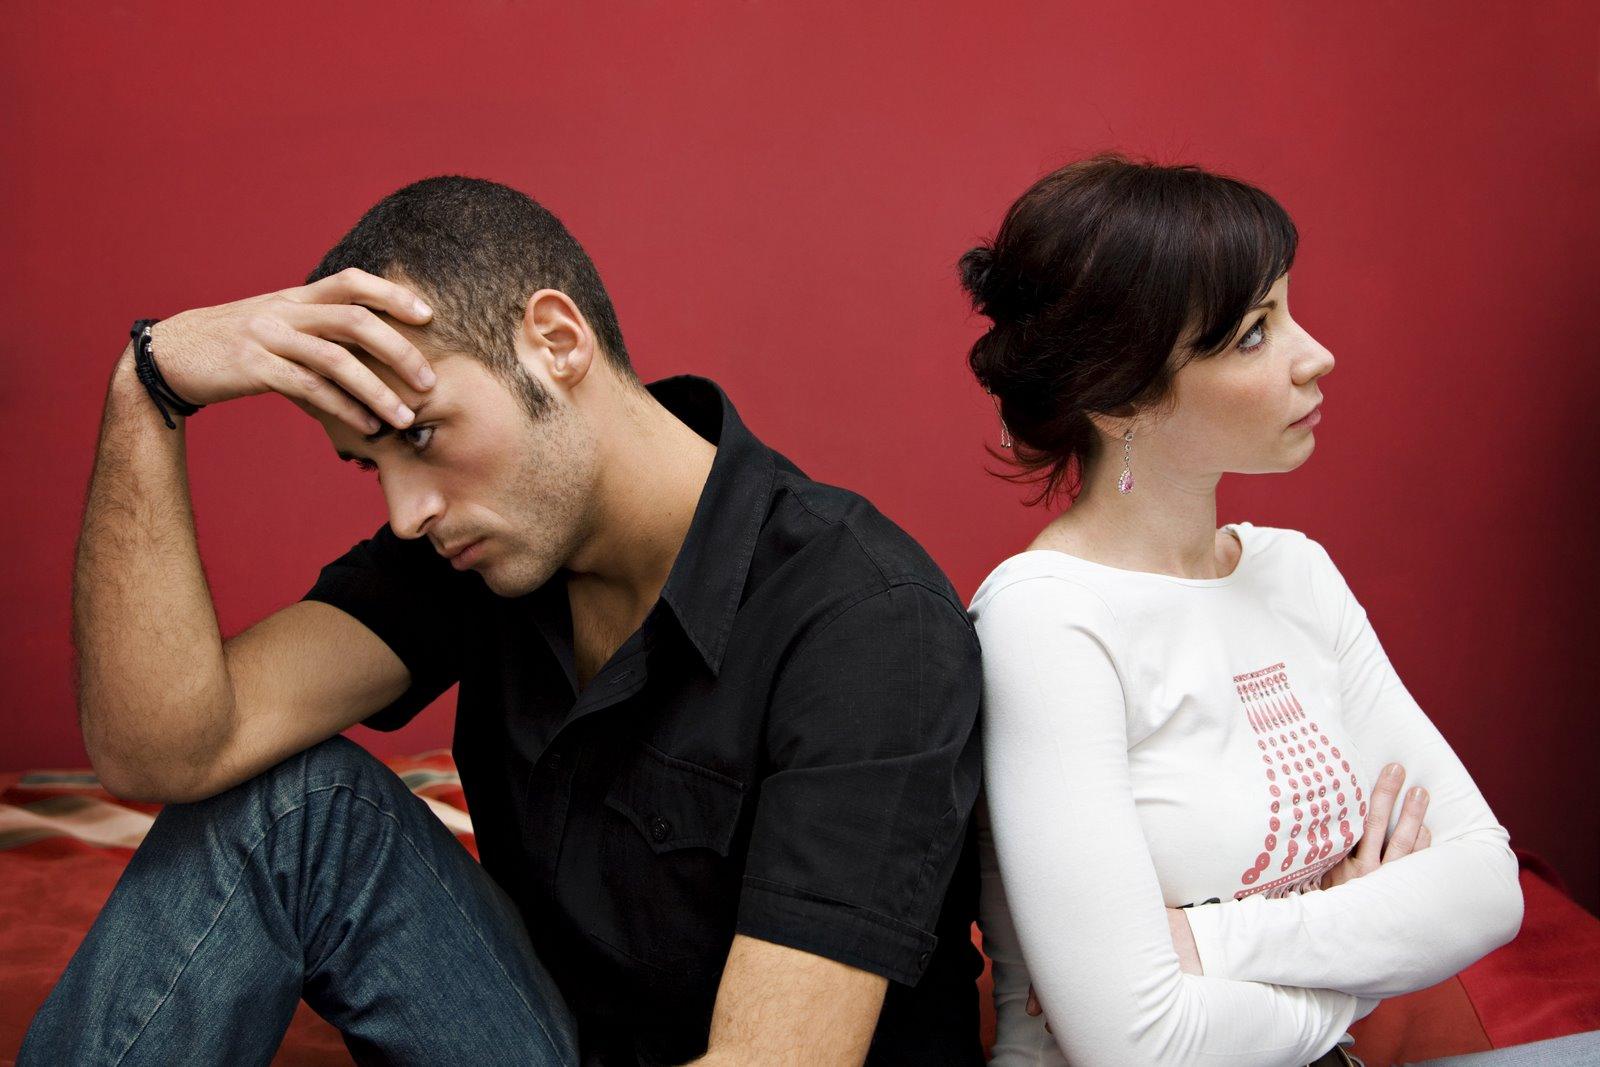 mit jelent, ha egy srác megkérdezi, hogy randizol?